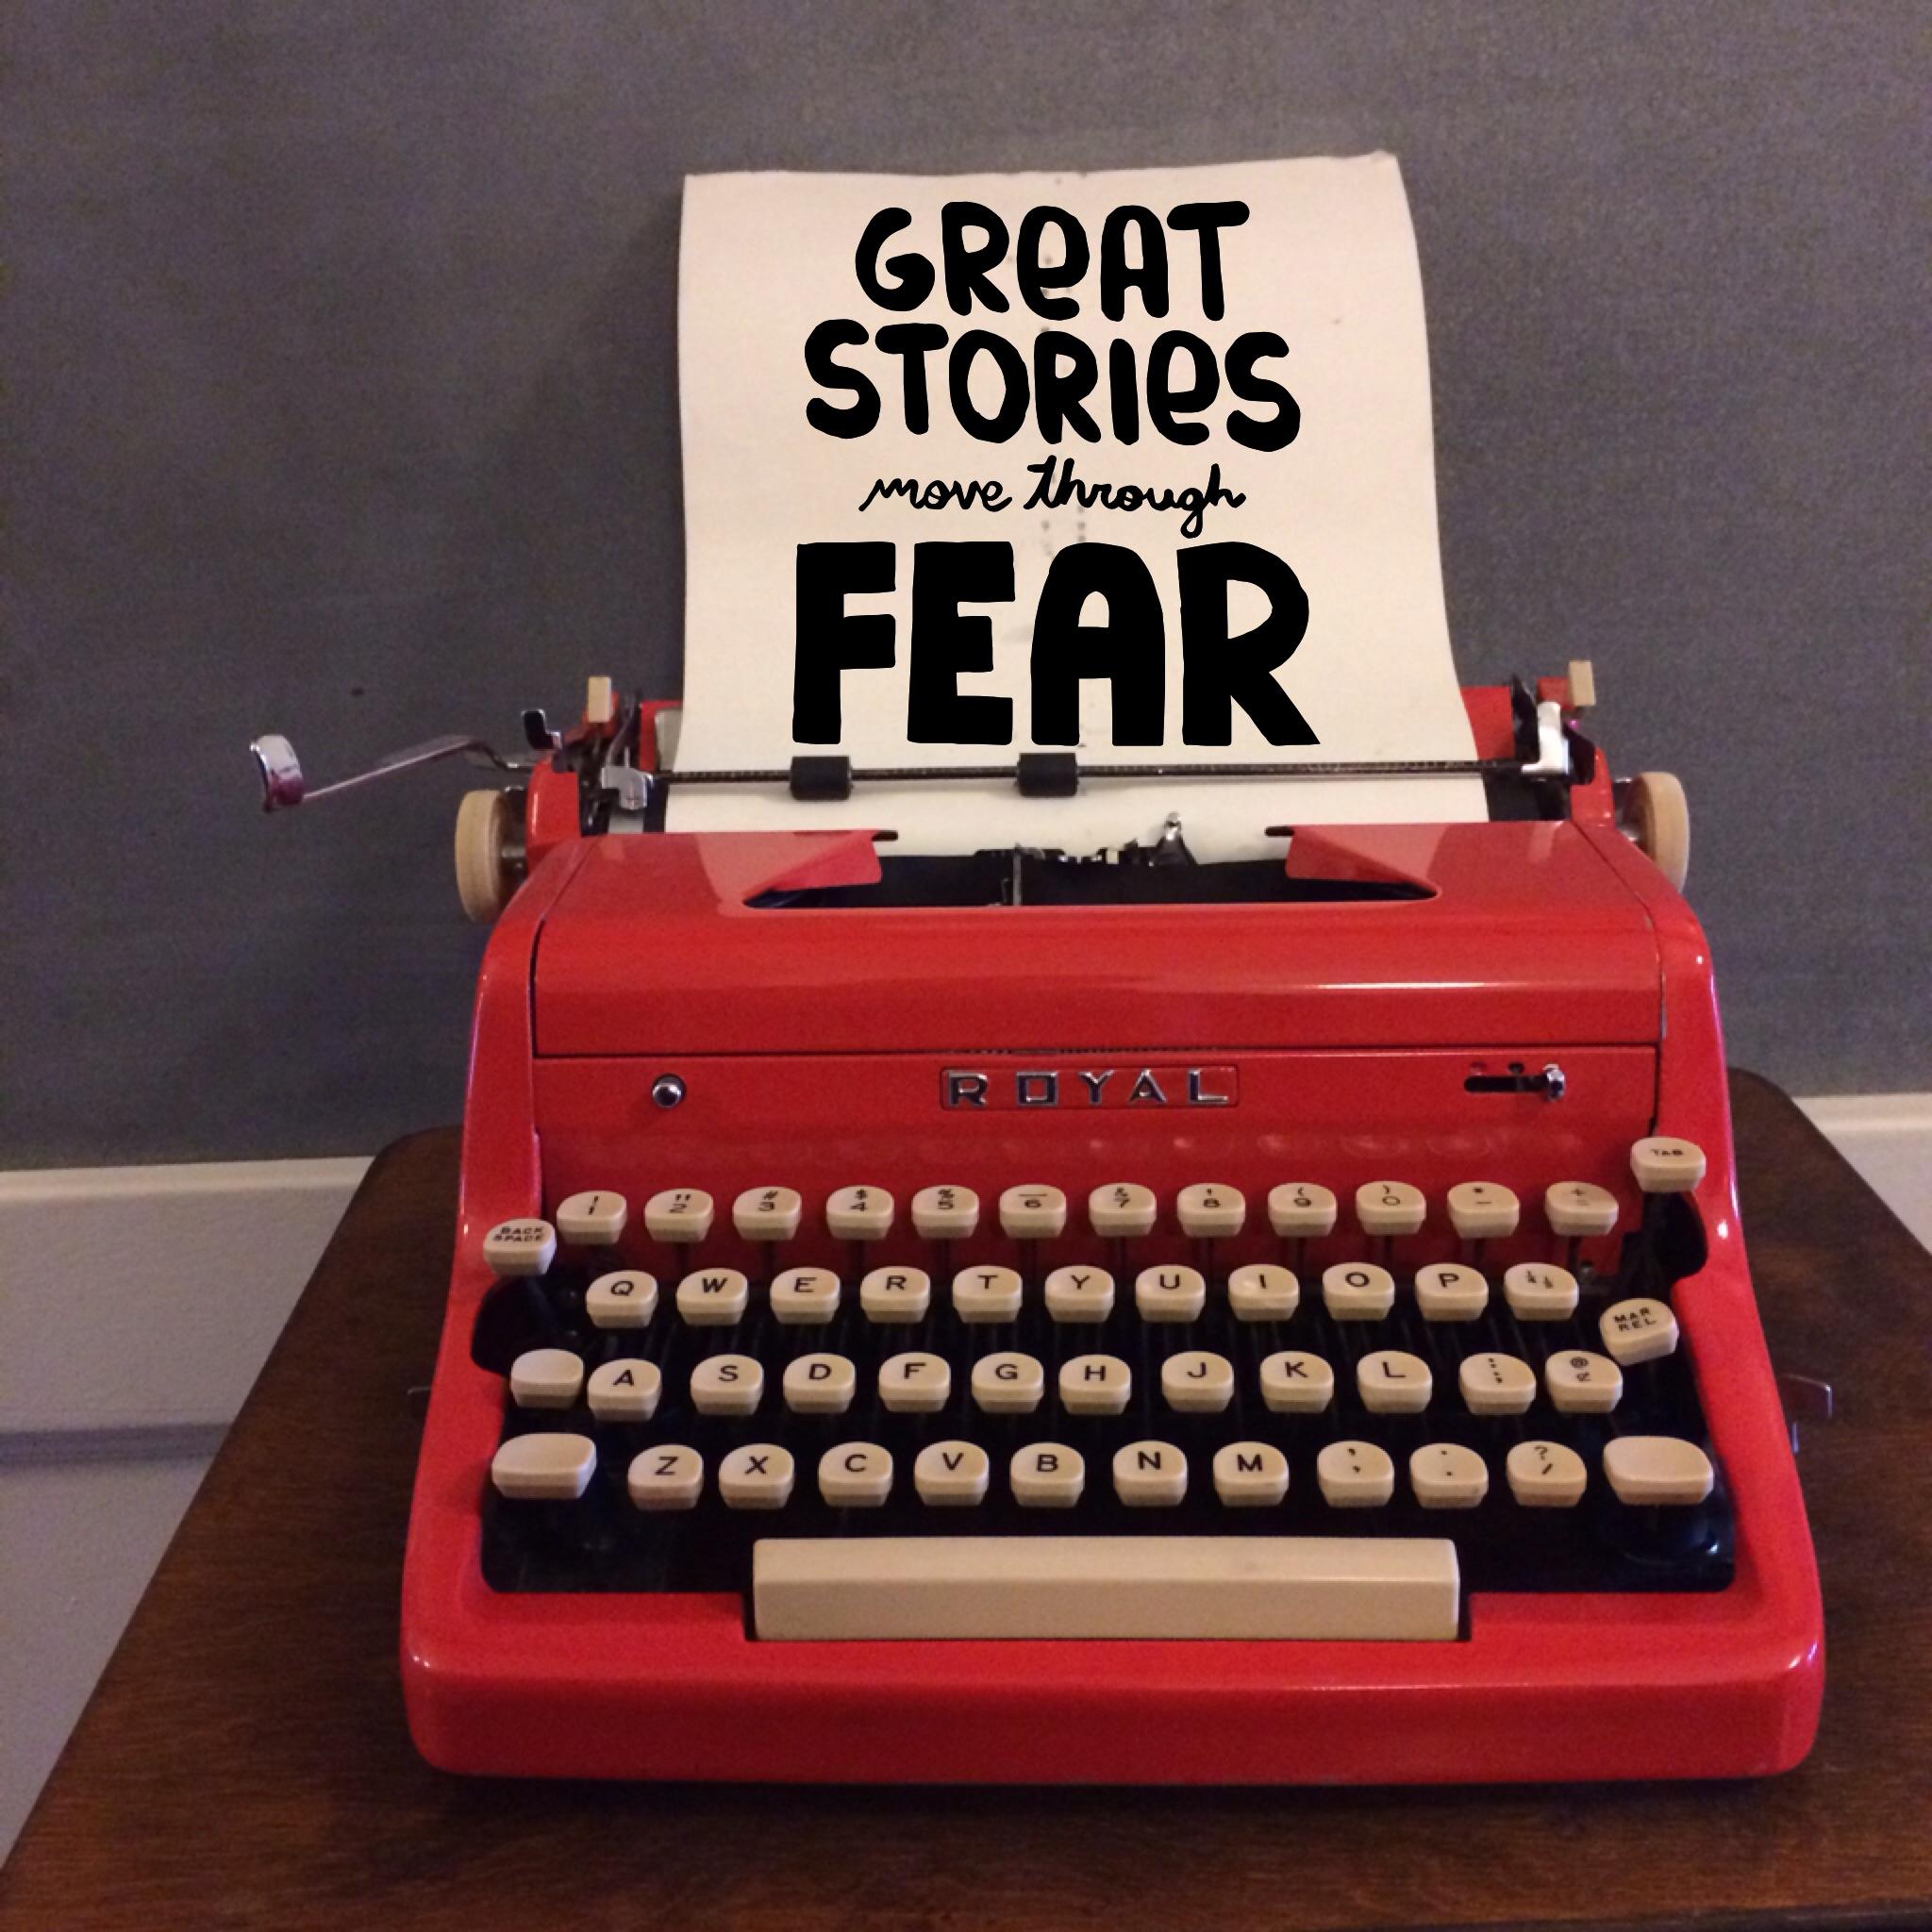 Grubtypewriter